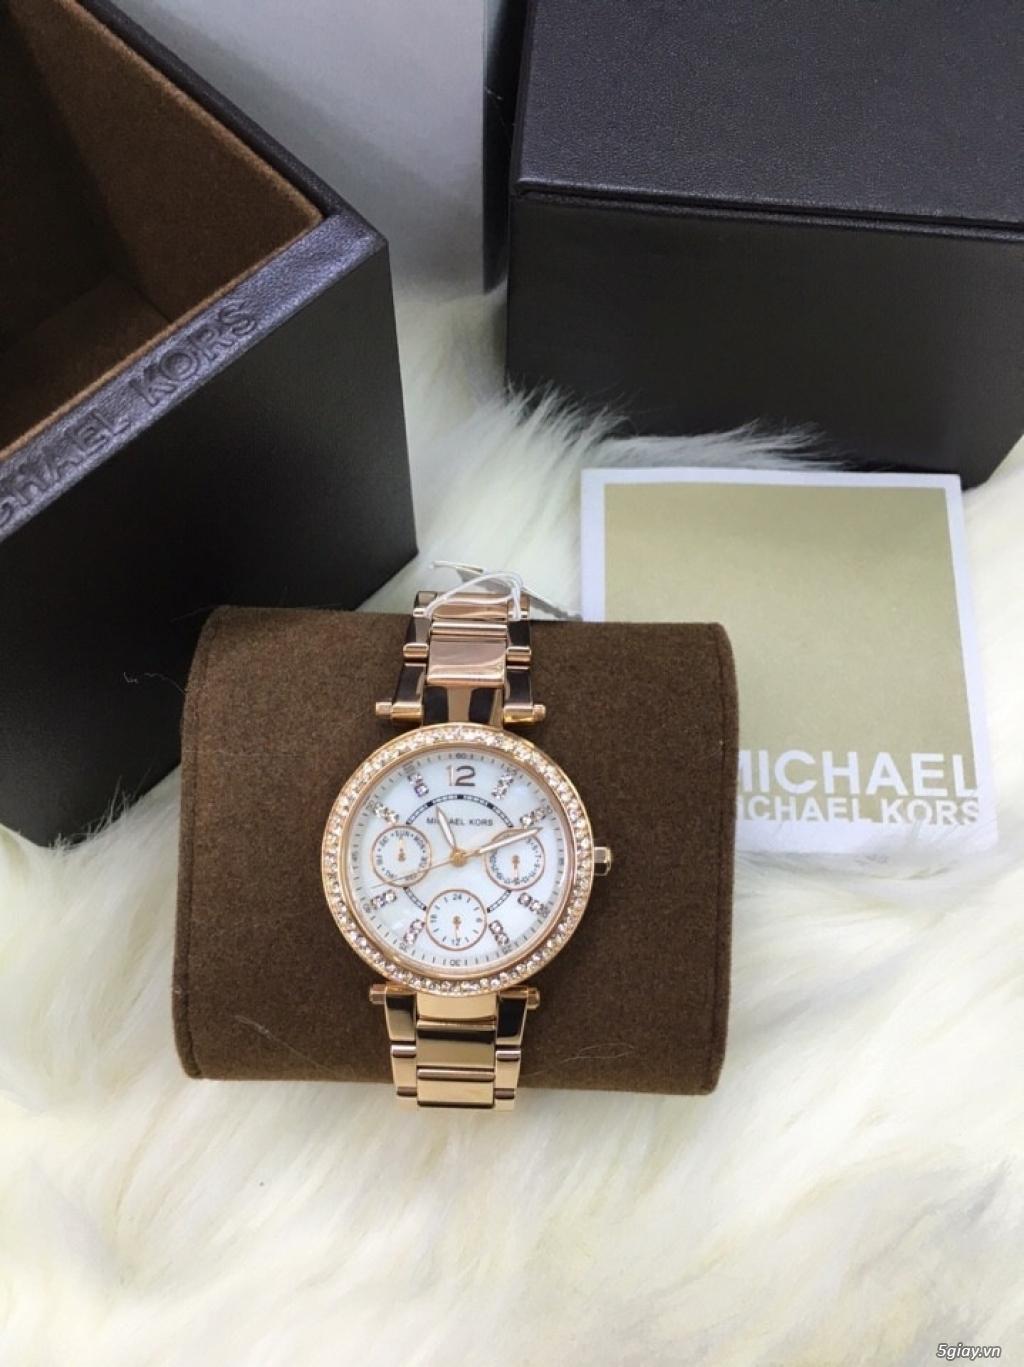 Đồng hồ chính hãng Michael Kors giá rẻ - 19